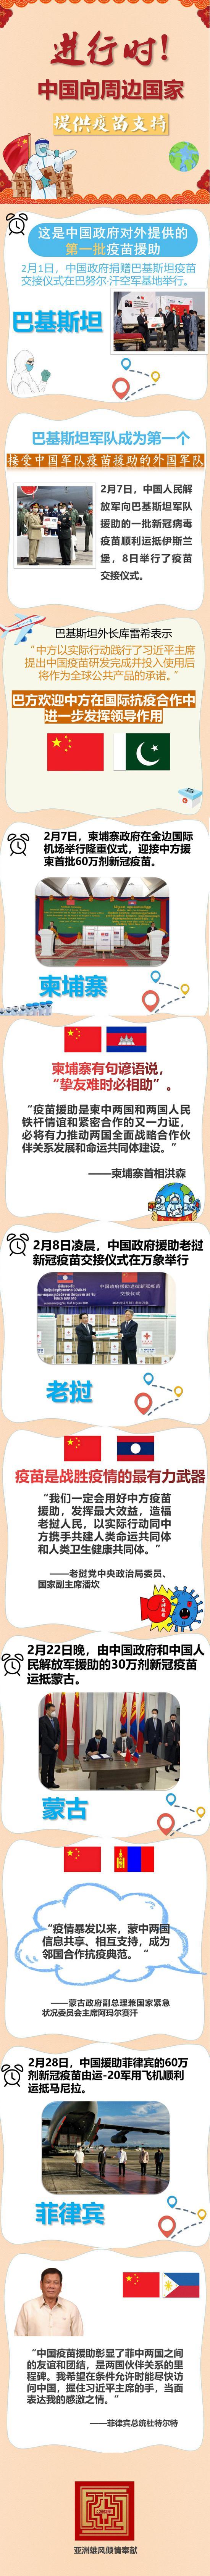 进行时!中国向周边国家提供疫苗支持图片